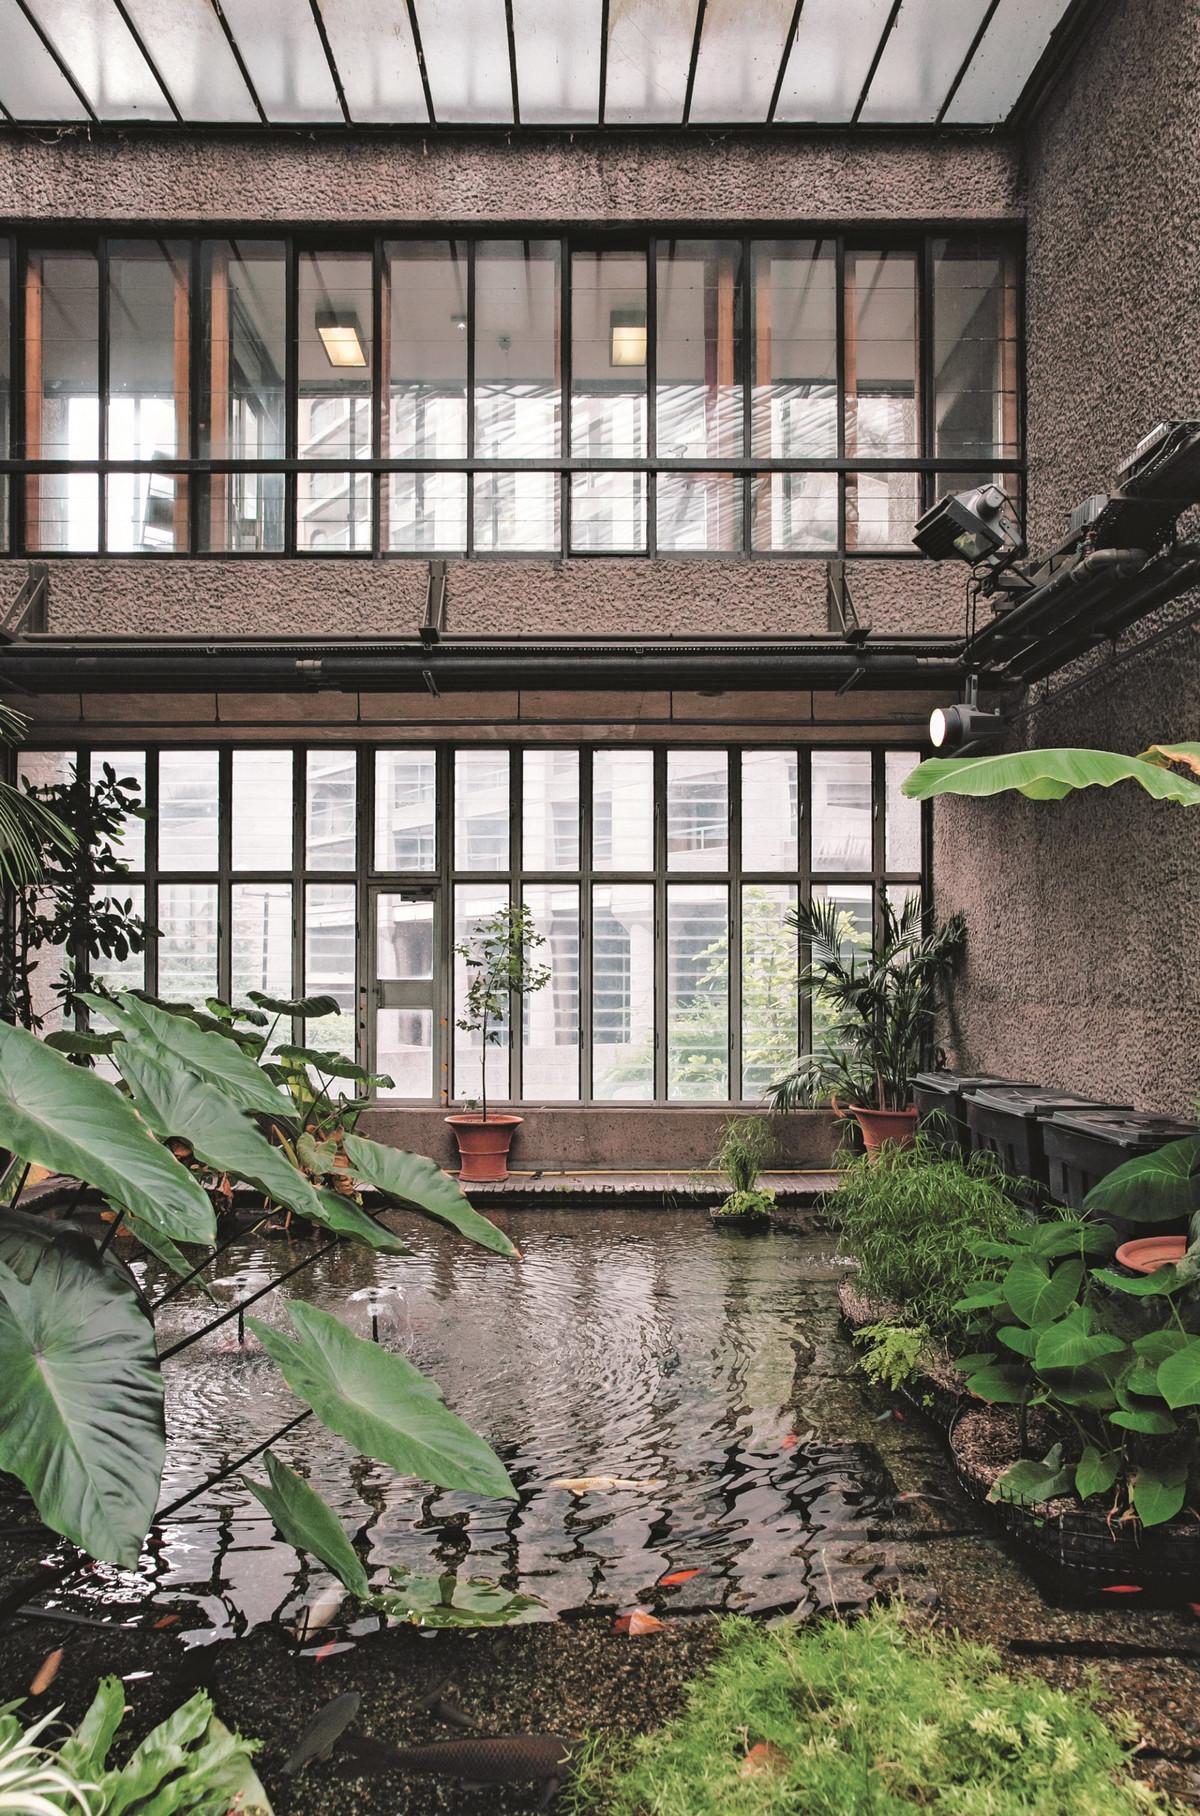 «Дуэт фотографов путешествует по миру, снимая ботанические сады, оранжереи и теплицы 5